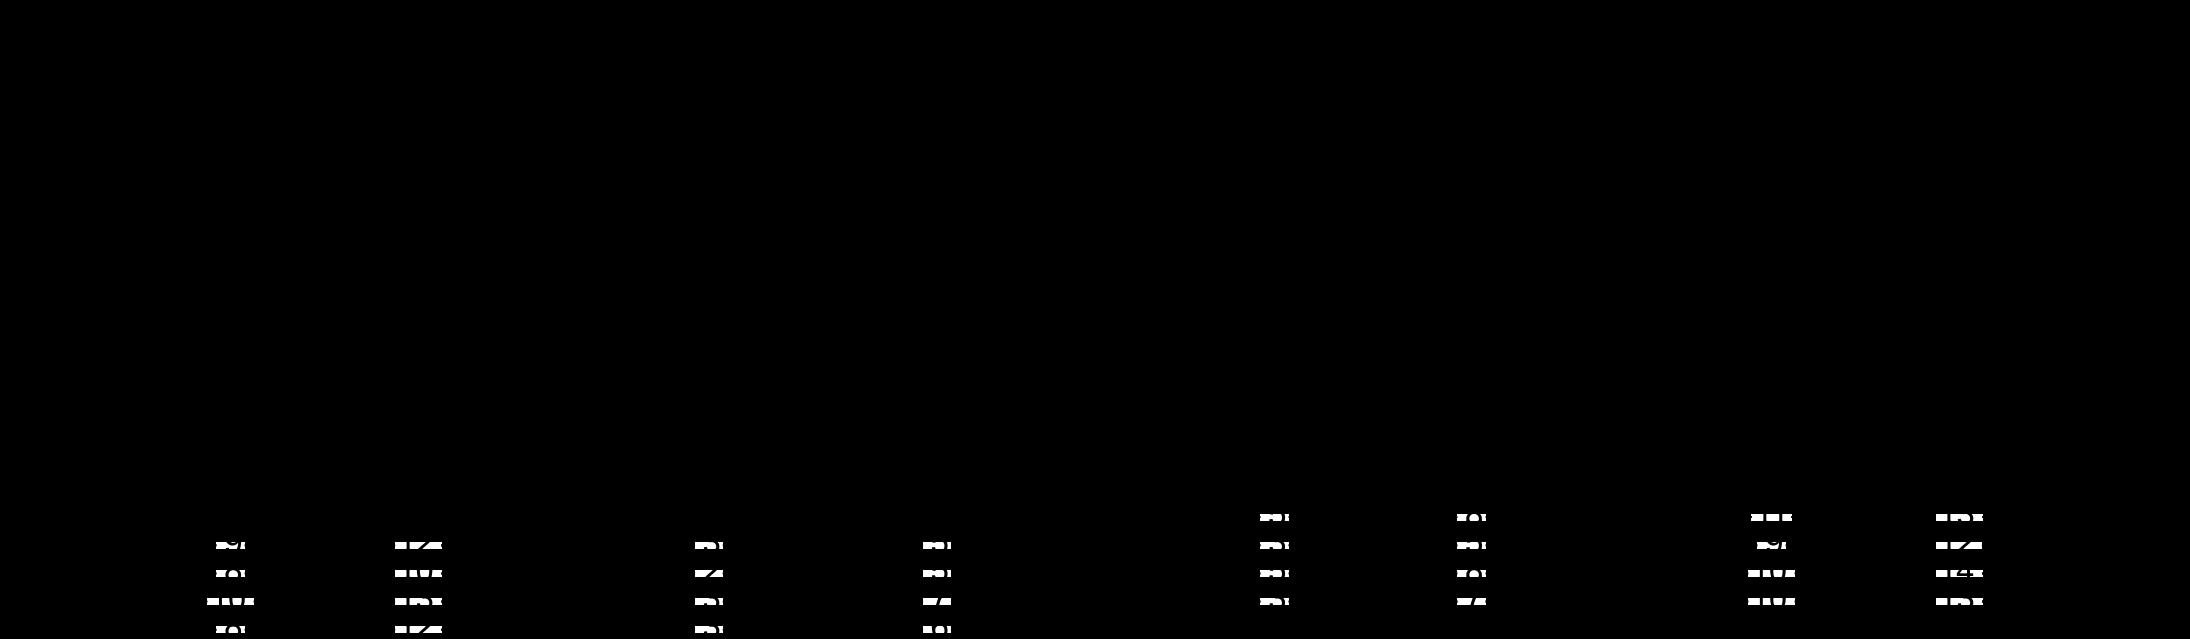 carraher-cdom7